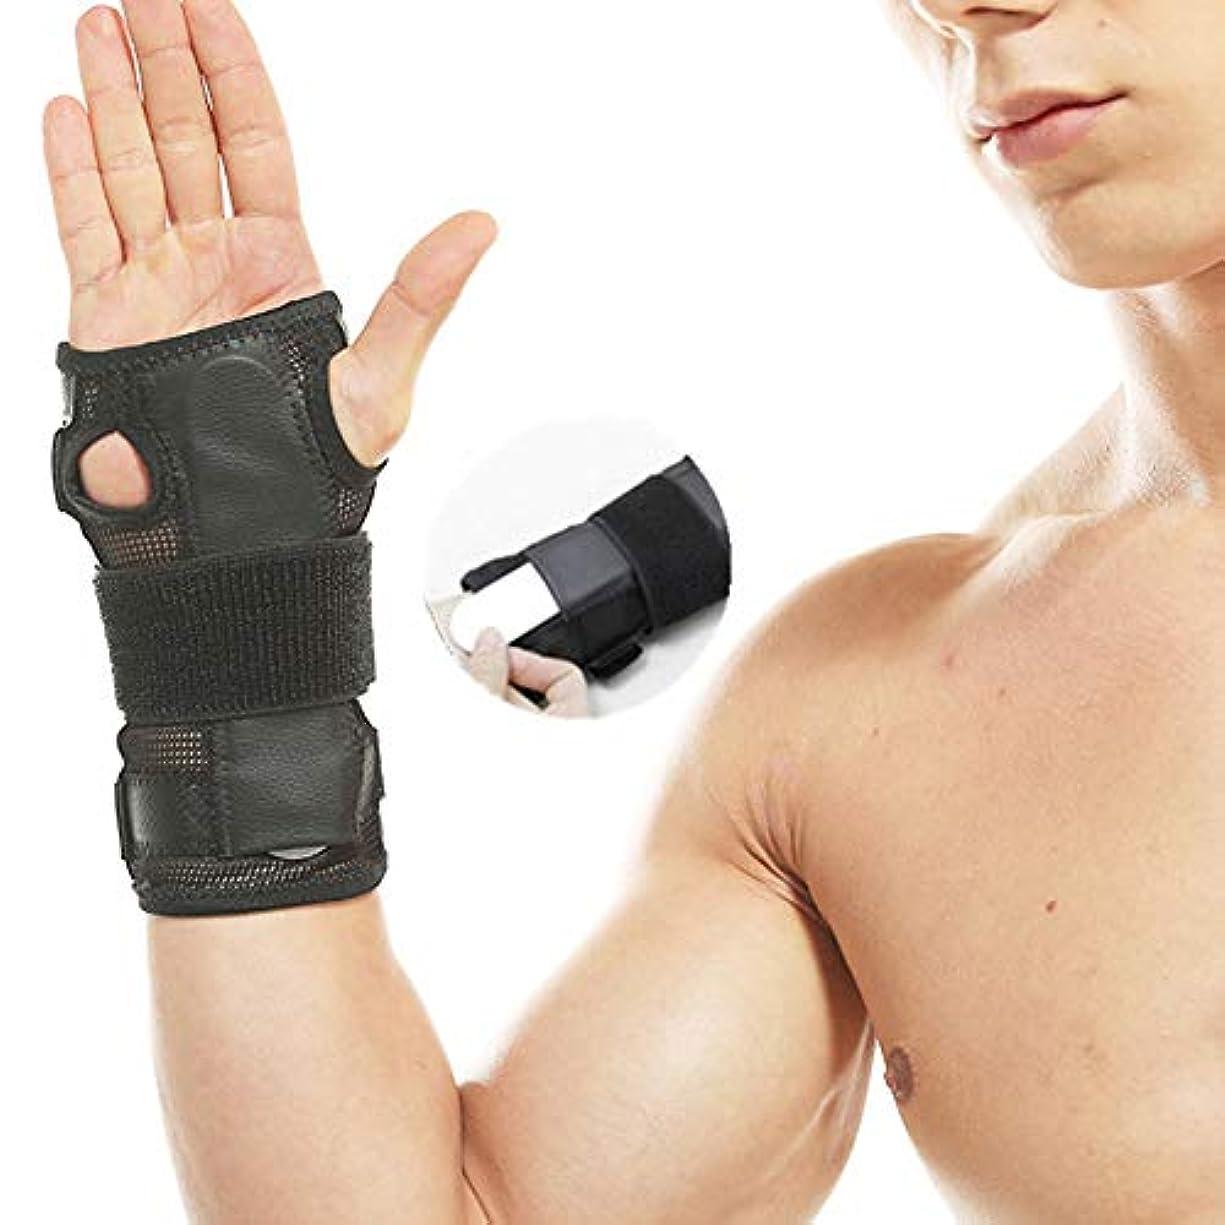 ヘビわかりやすい二週間ハンドリストバンドリストバンド鉄骨ブレース手首手首サポートスプリント骨折手根管スポーツ捻挫を調整します